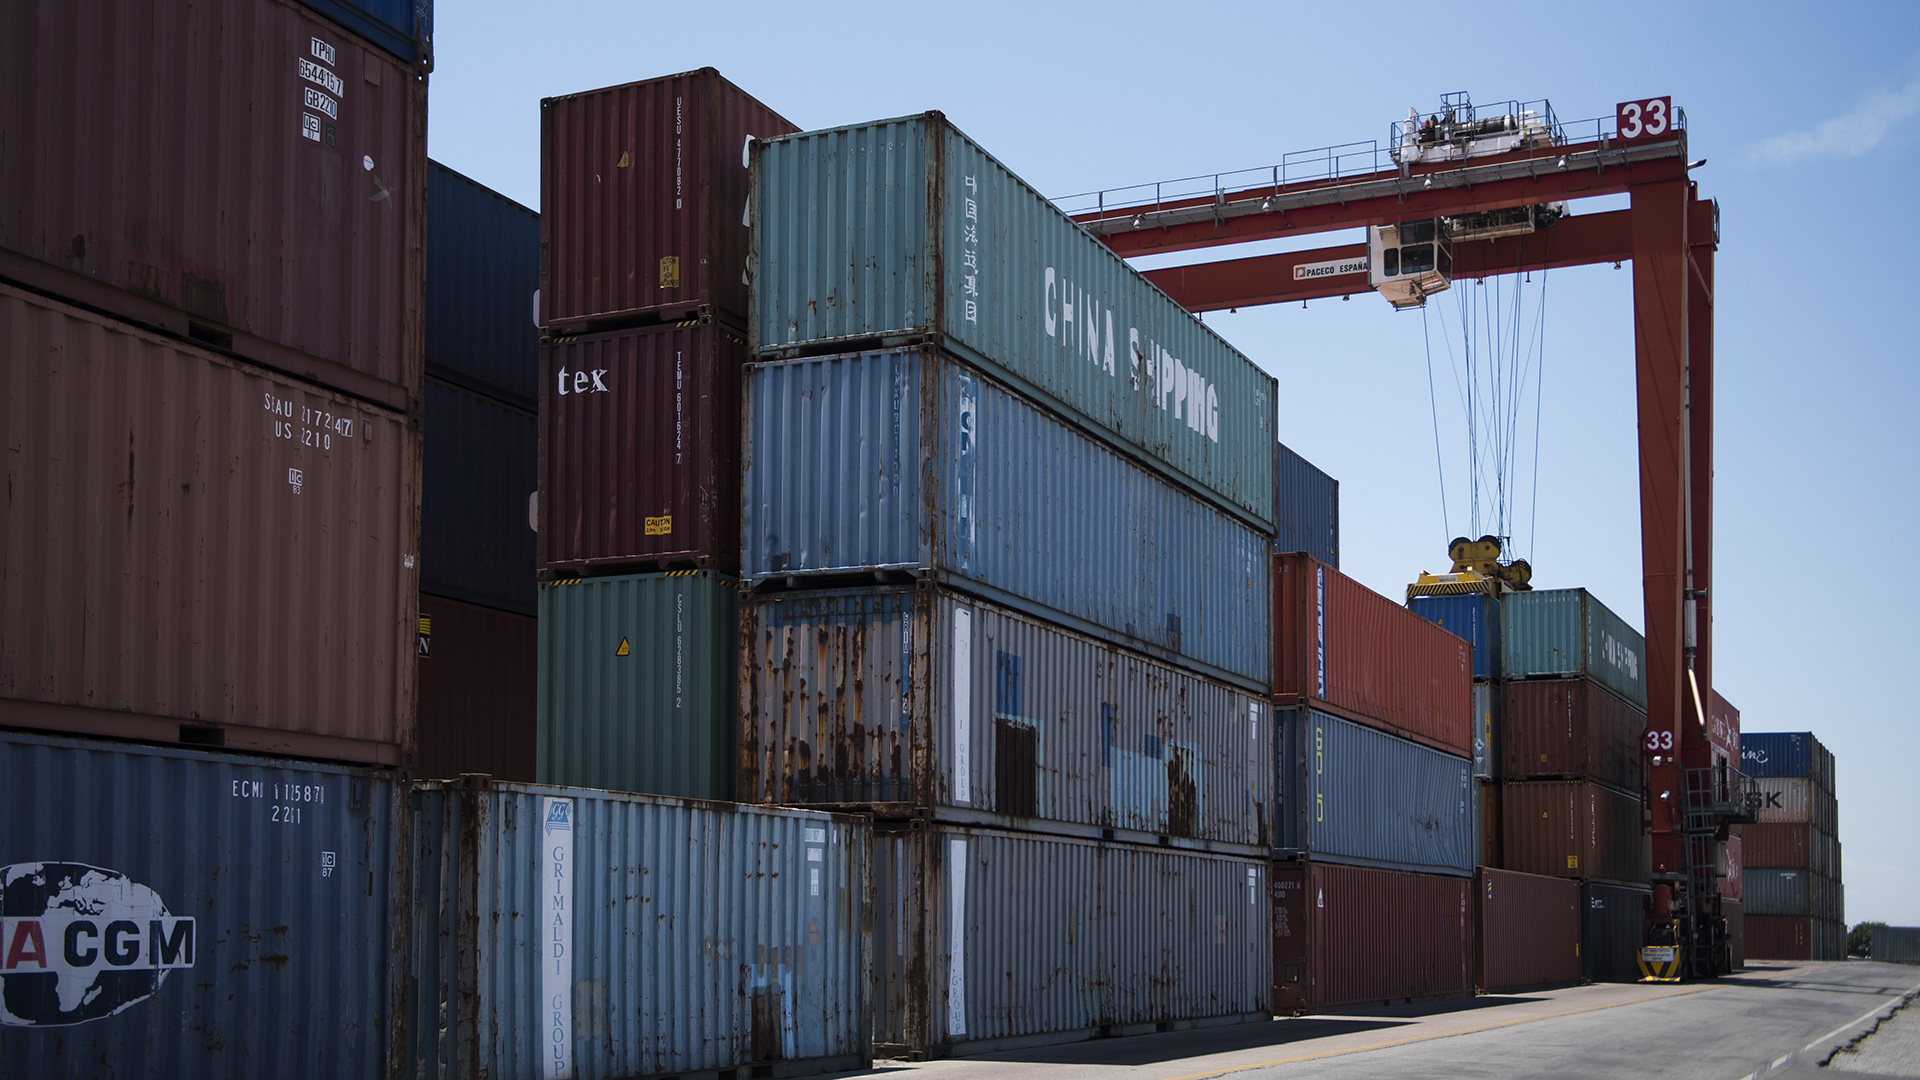 El comercio bilateral entre la Argentina y el Brasil cayó 17,4% en julio -  Infobae